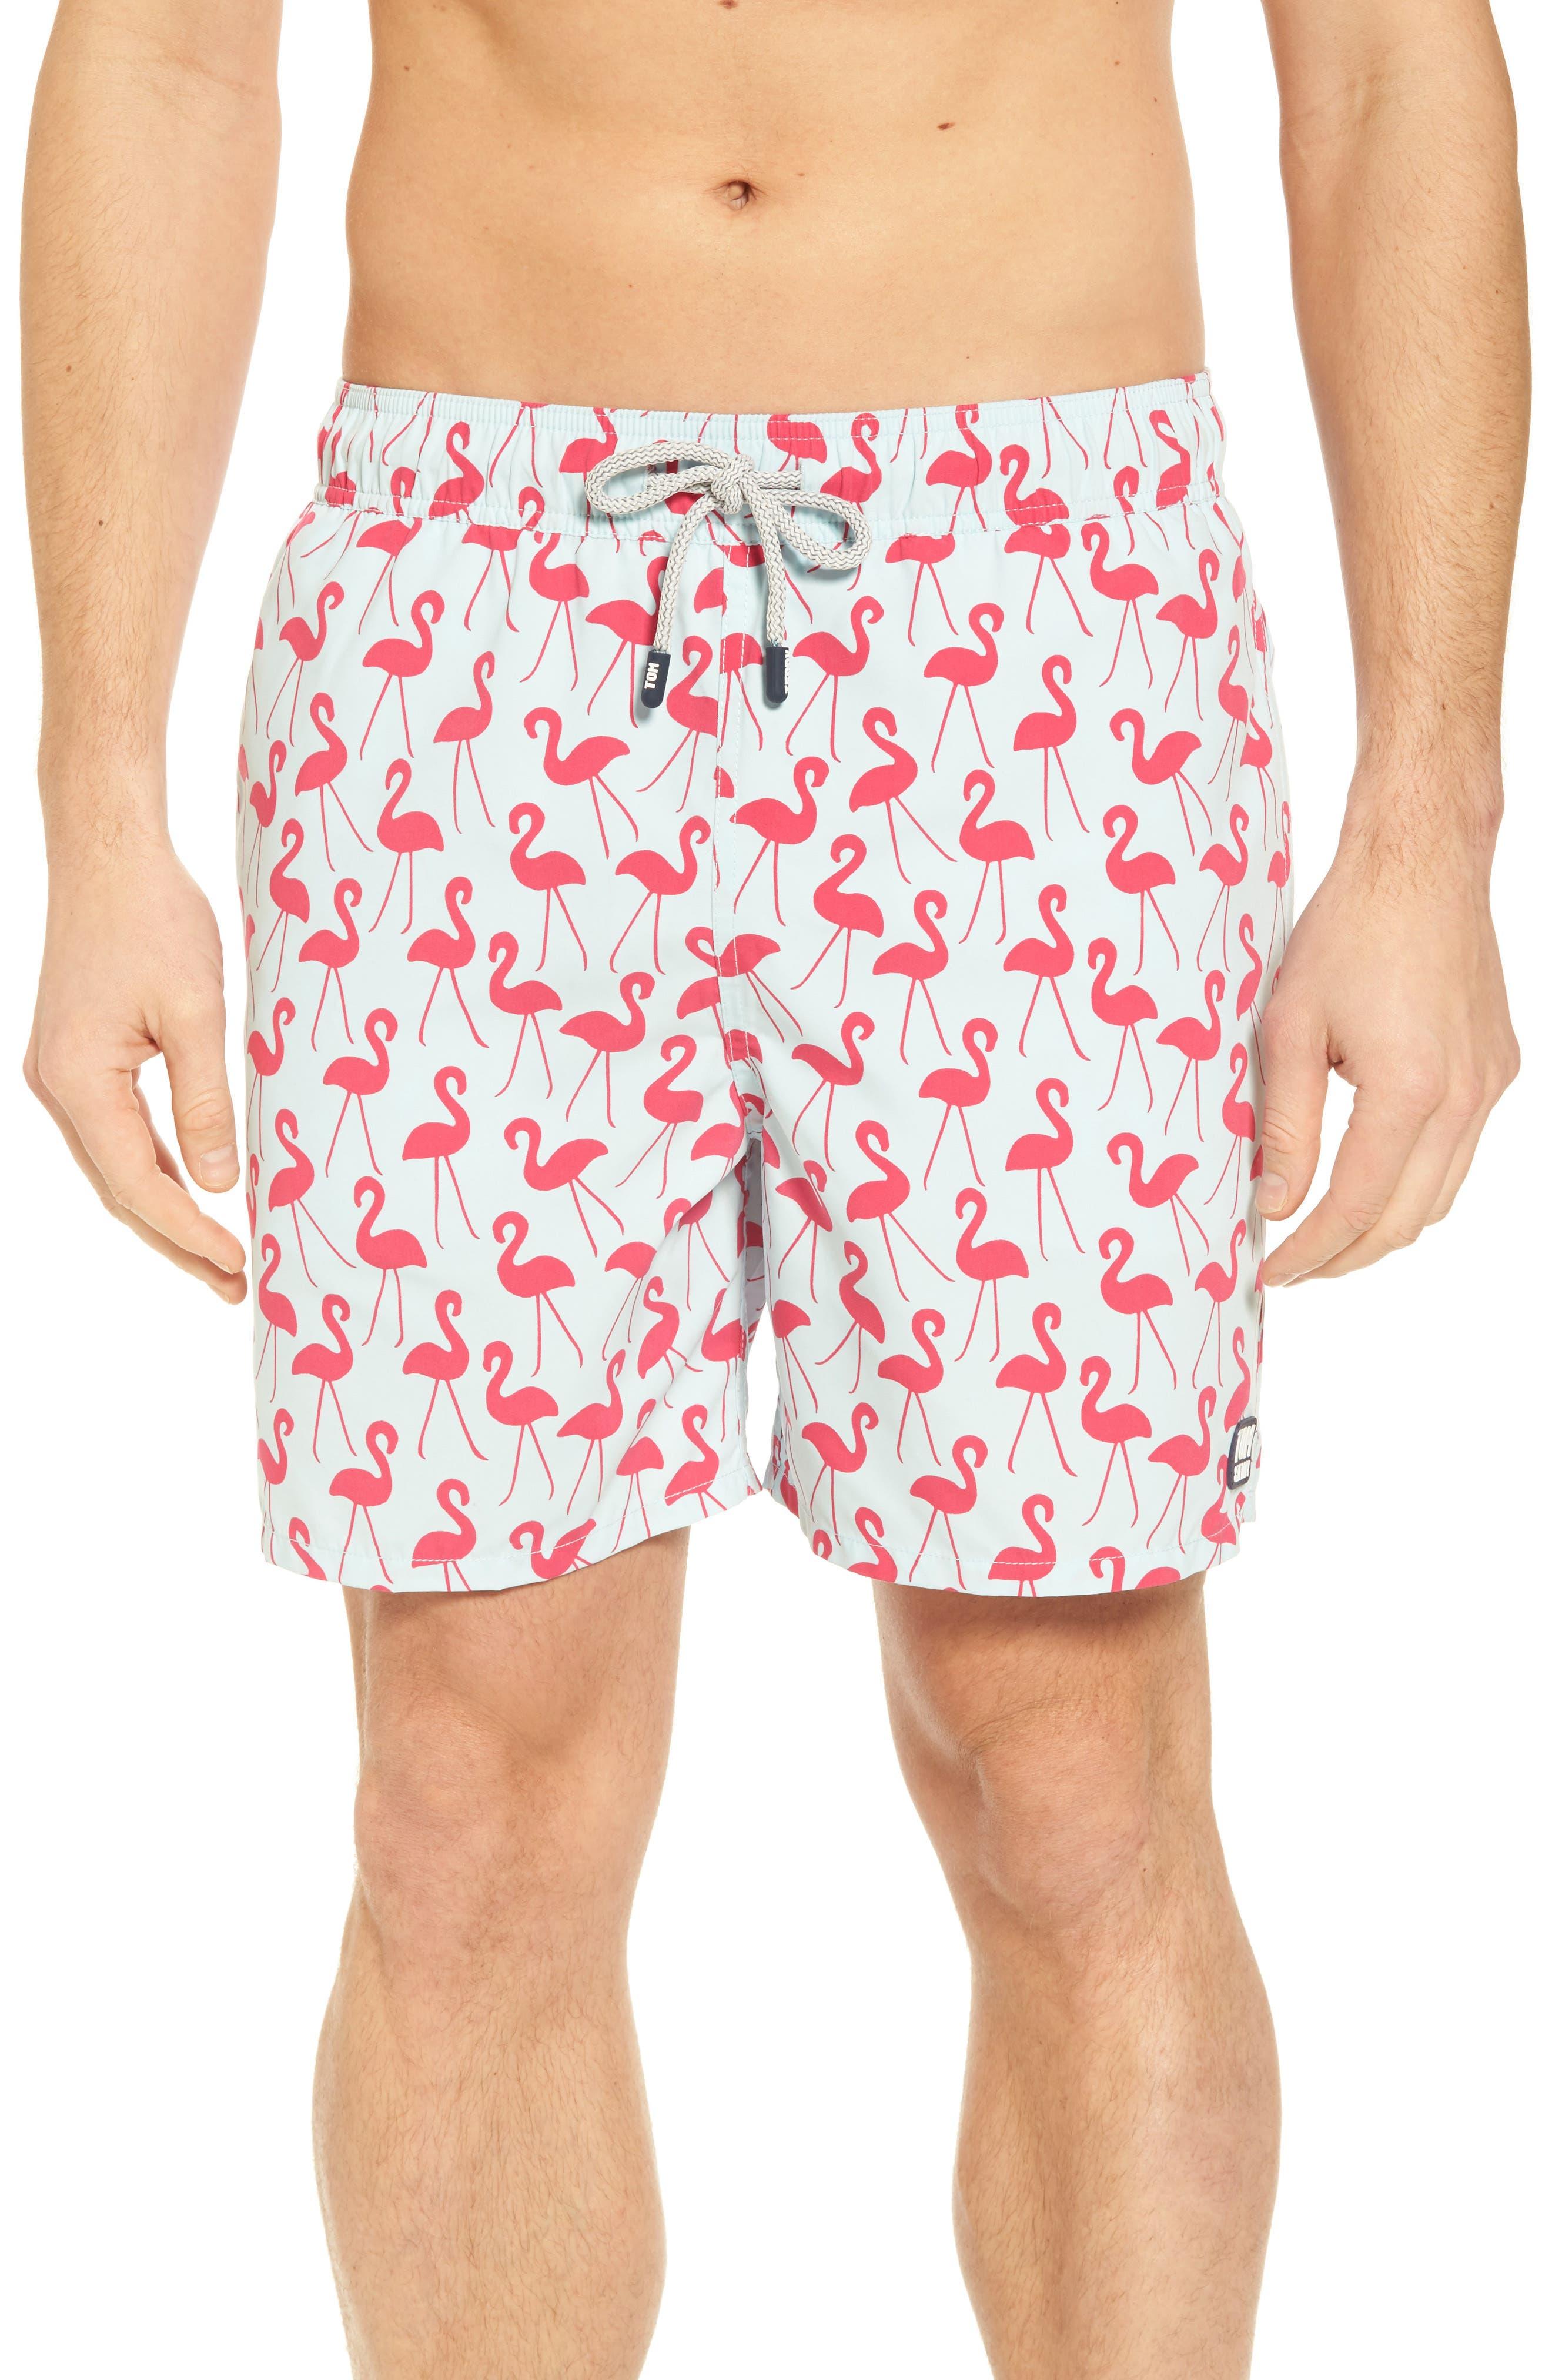 Tom & Teddy Flamingo Print Swim Trunks, Pink